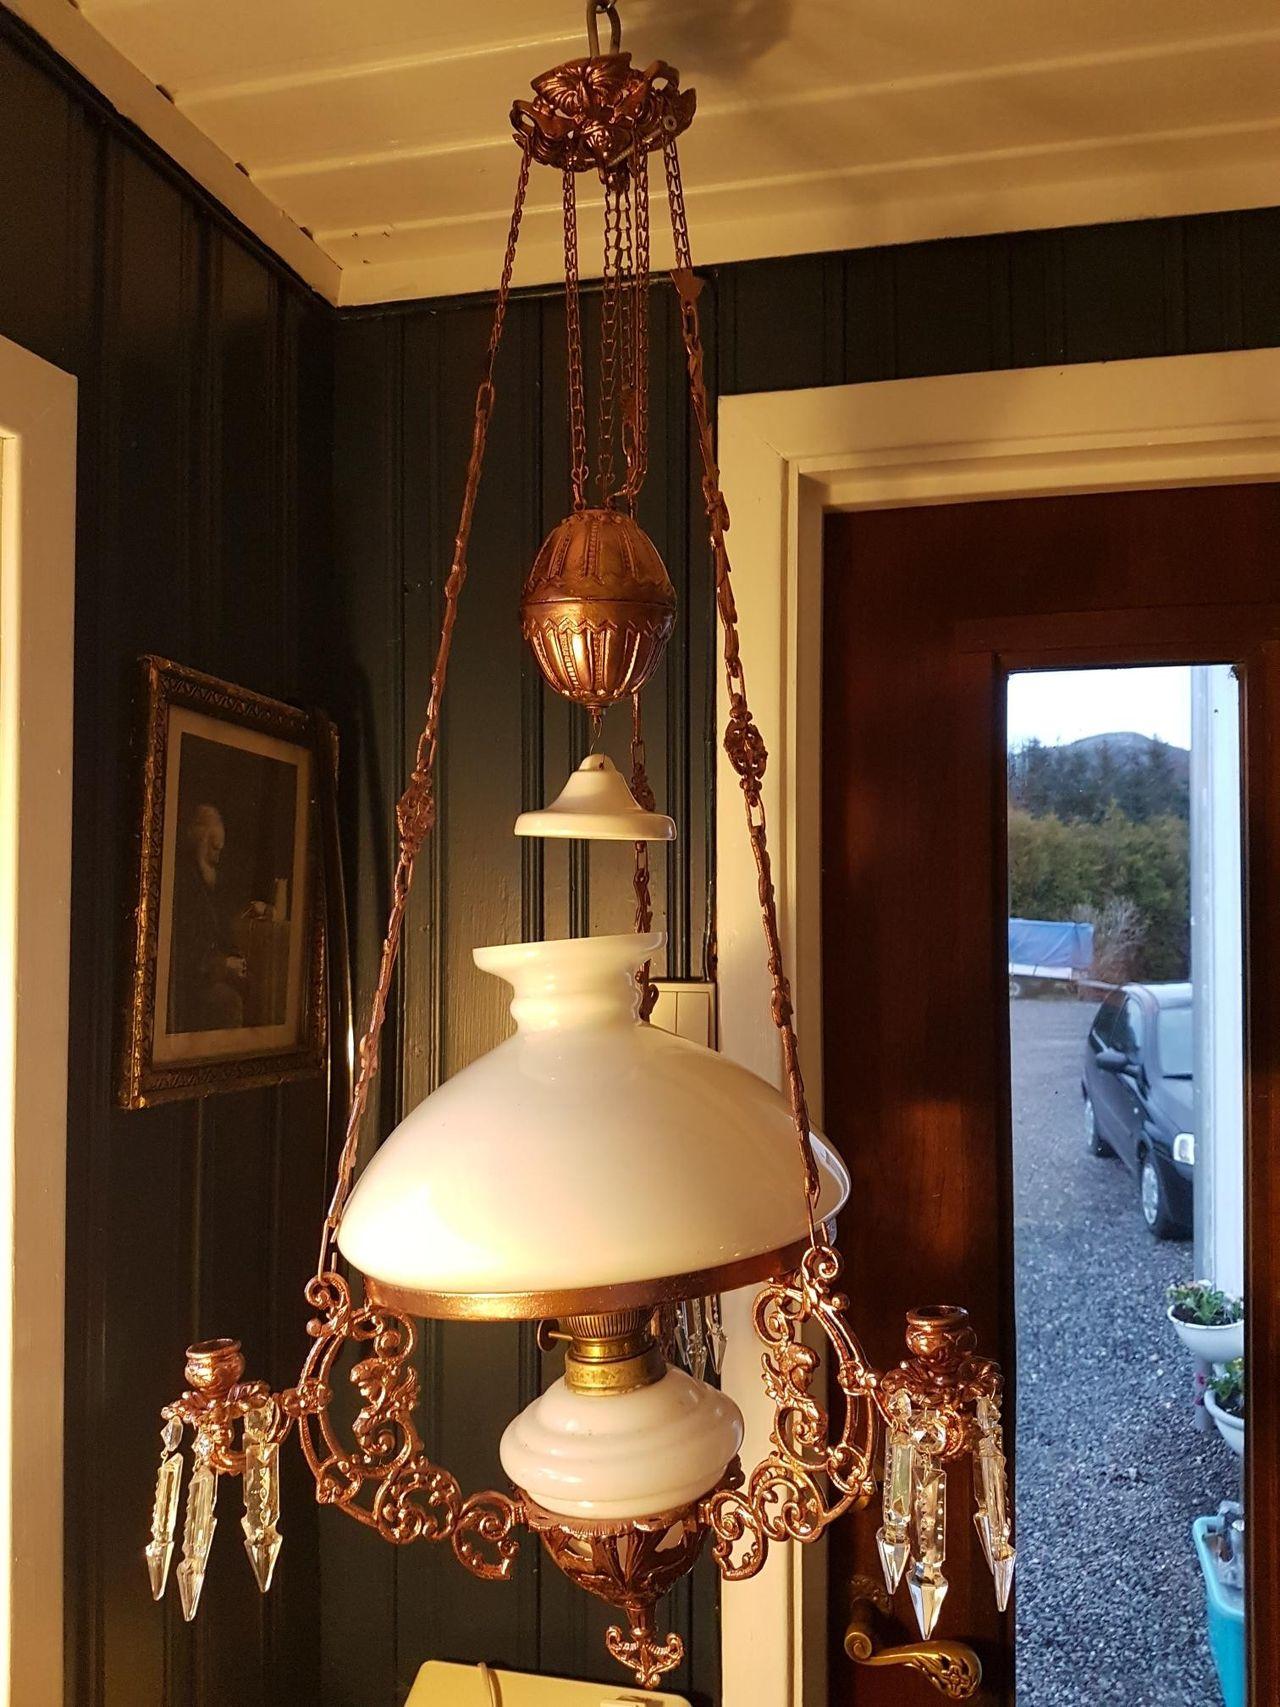 Fin parafinlampe ombygd for strøm og med orginal